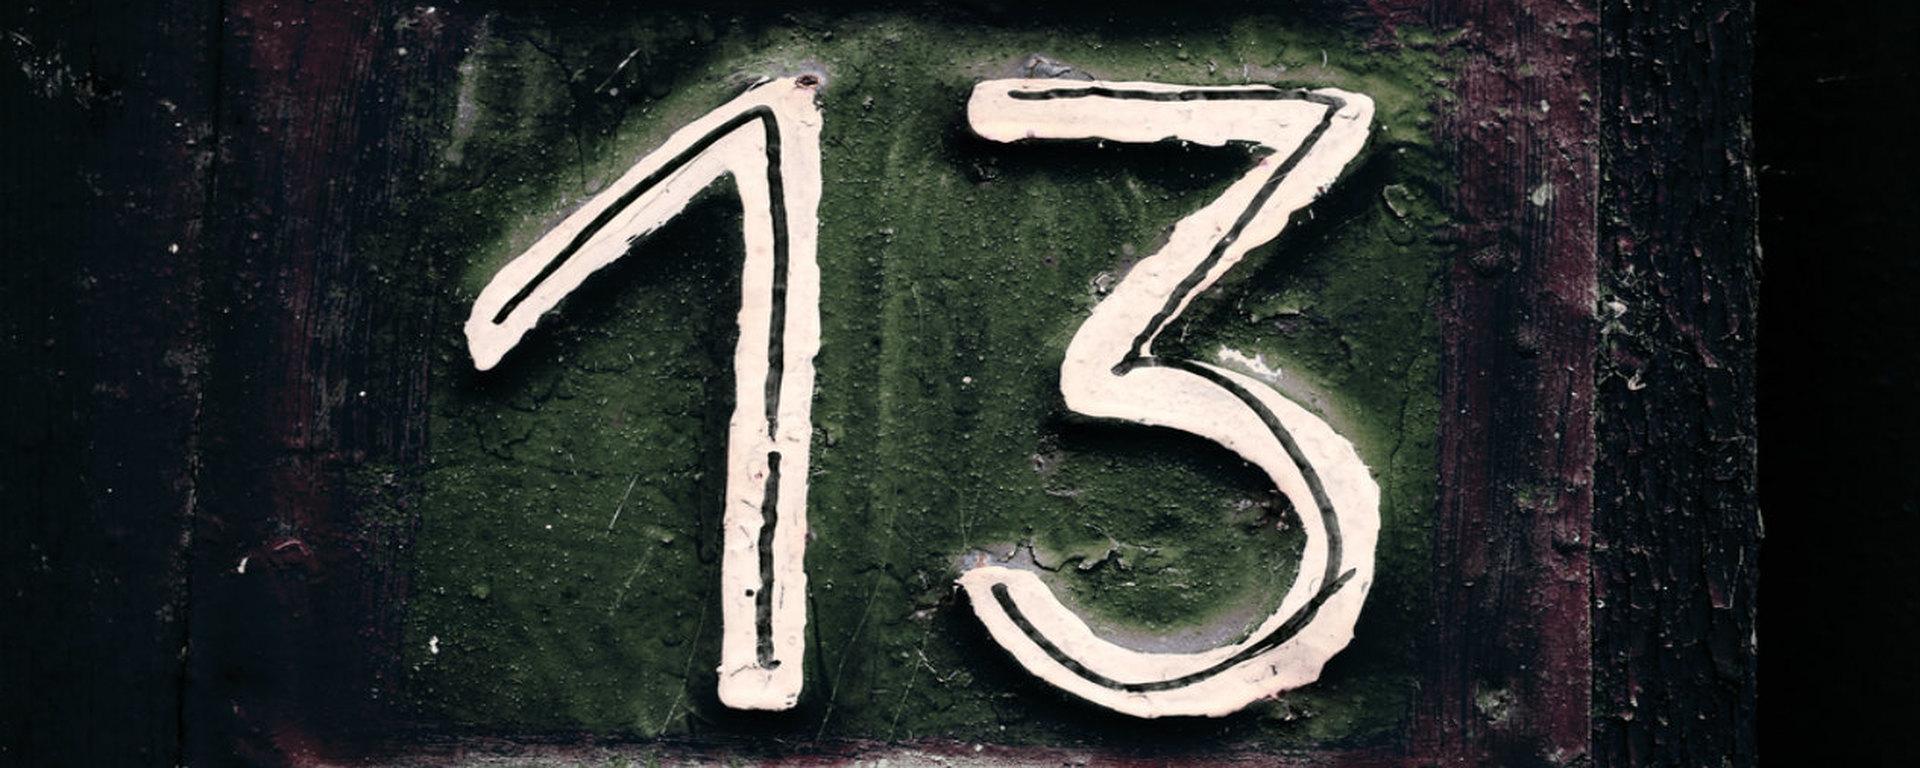 Чем так страшно и привлекательно число 13